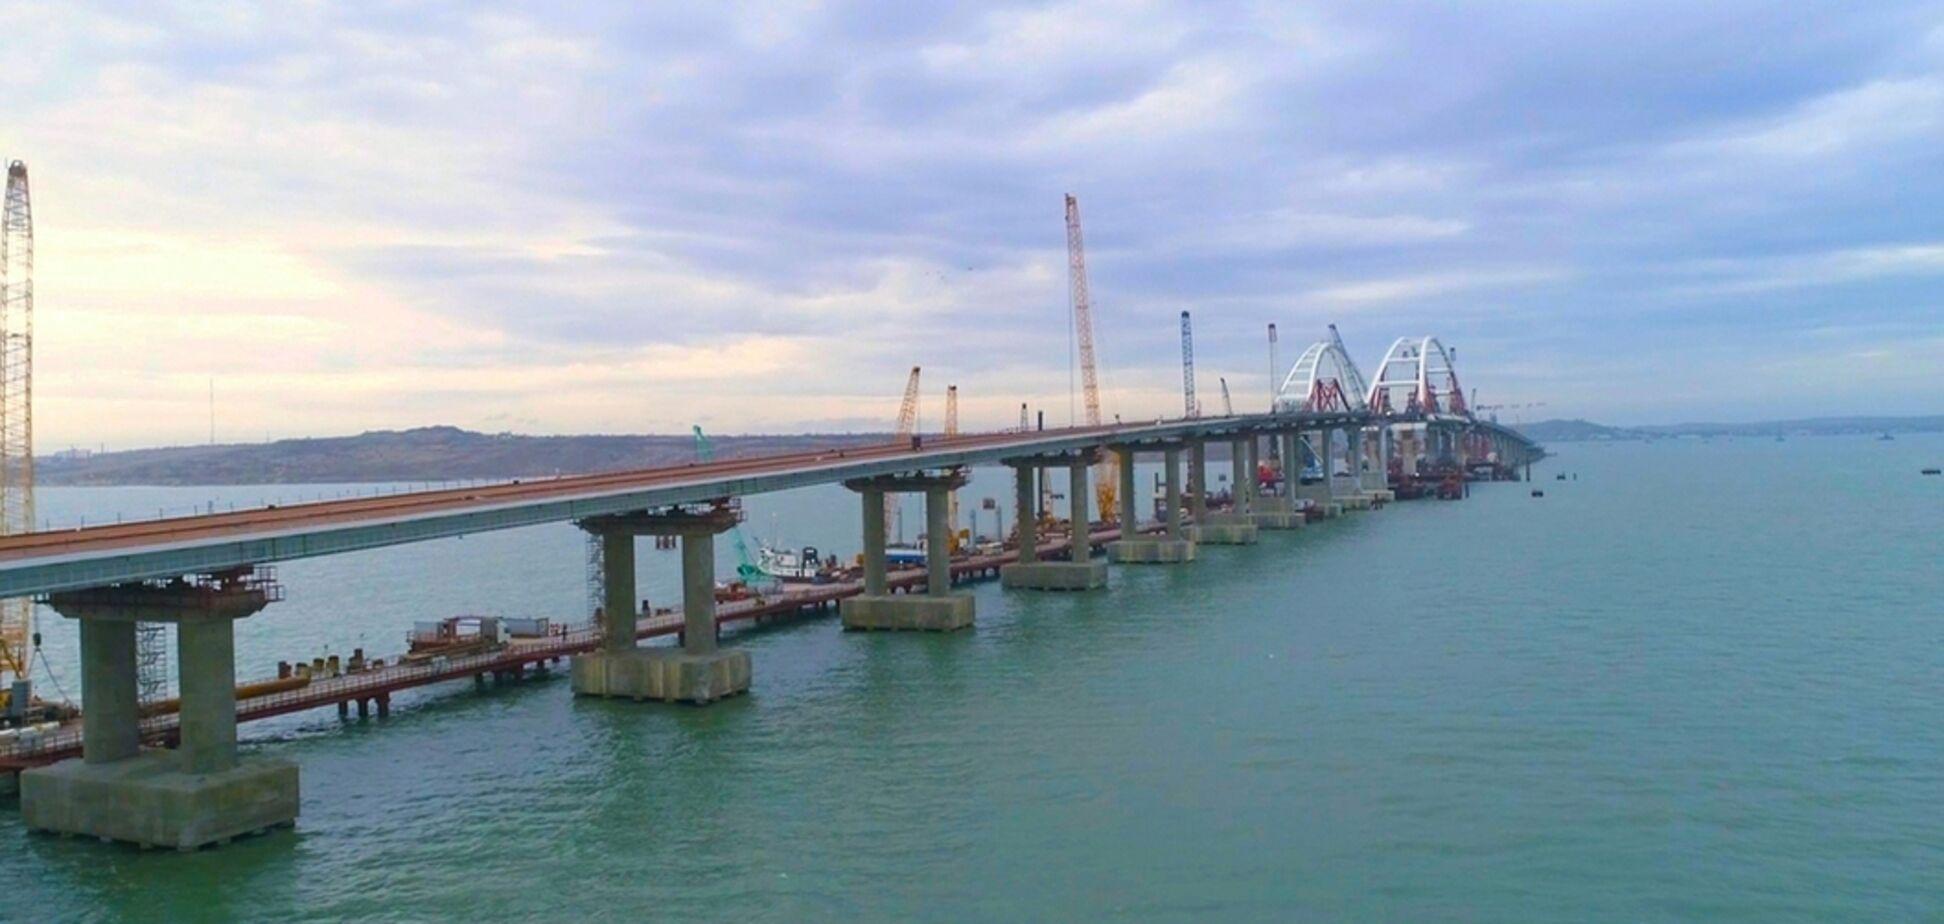 Украинской экономике предрекли сокрушительный урон из-за Крымского моста